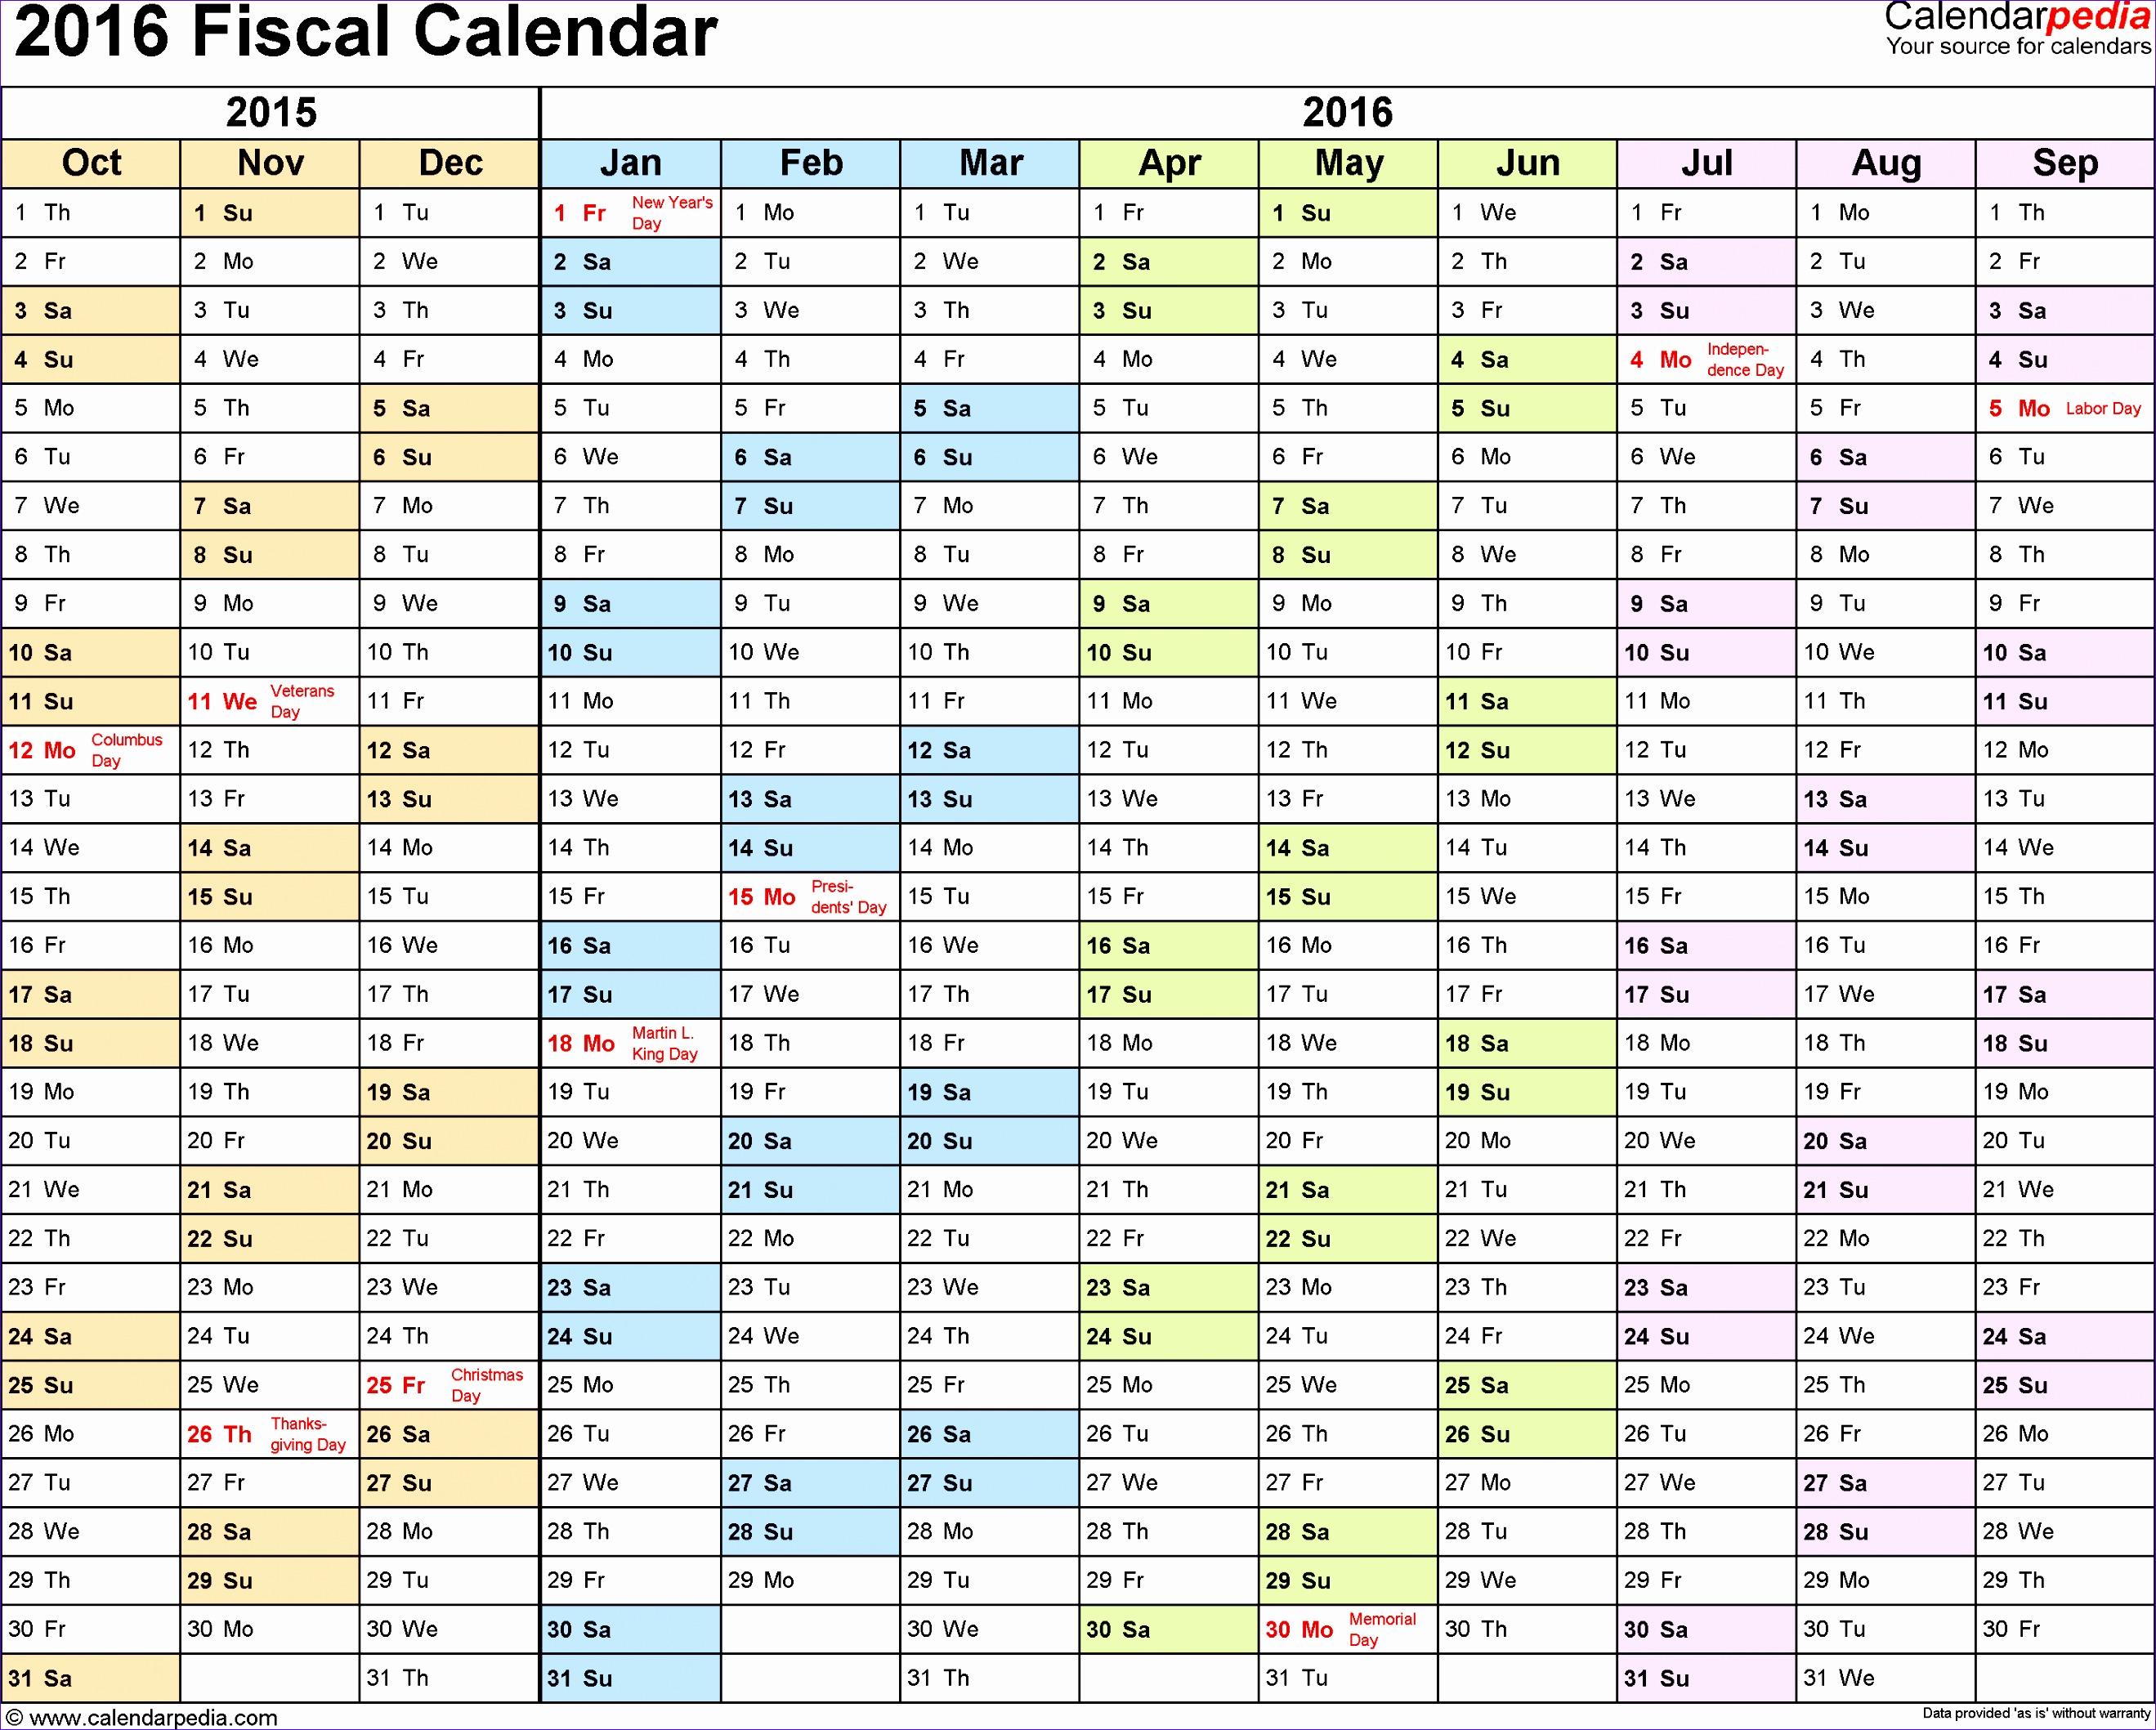 fiscal calendar 2016